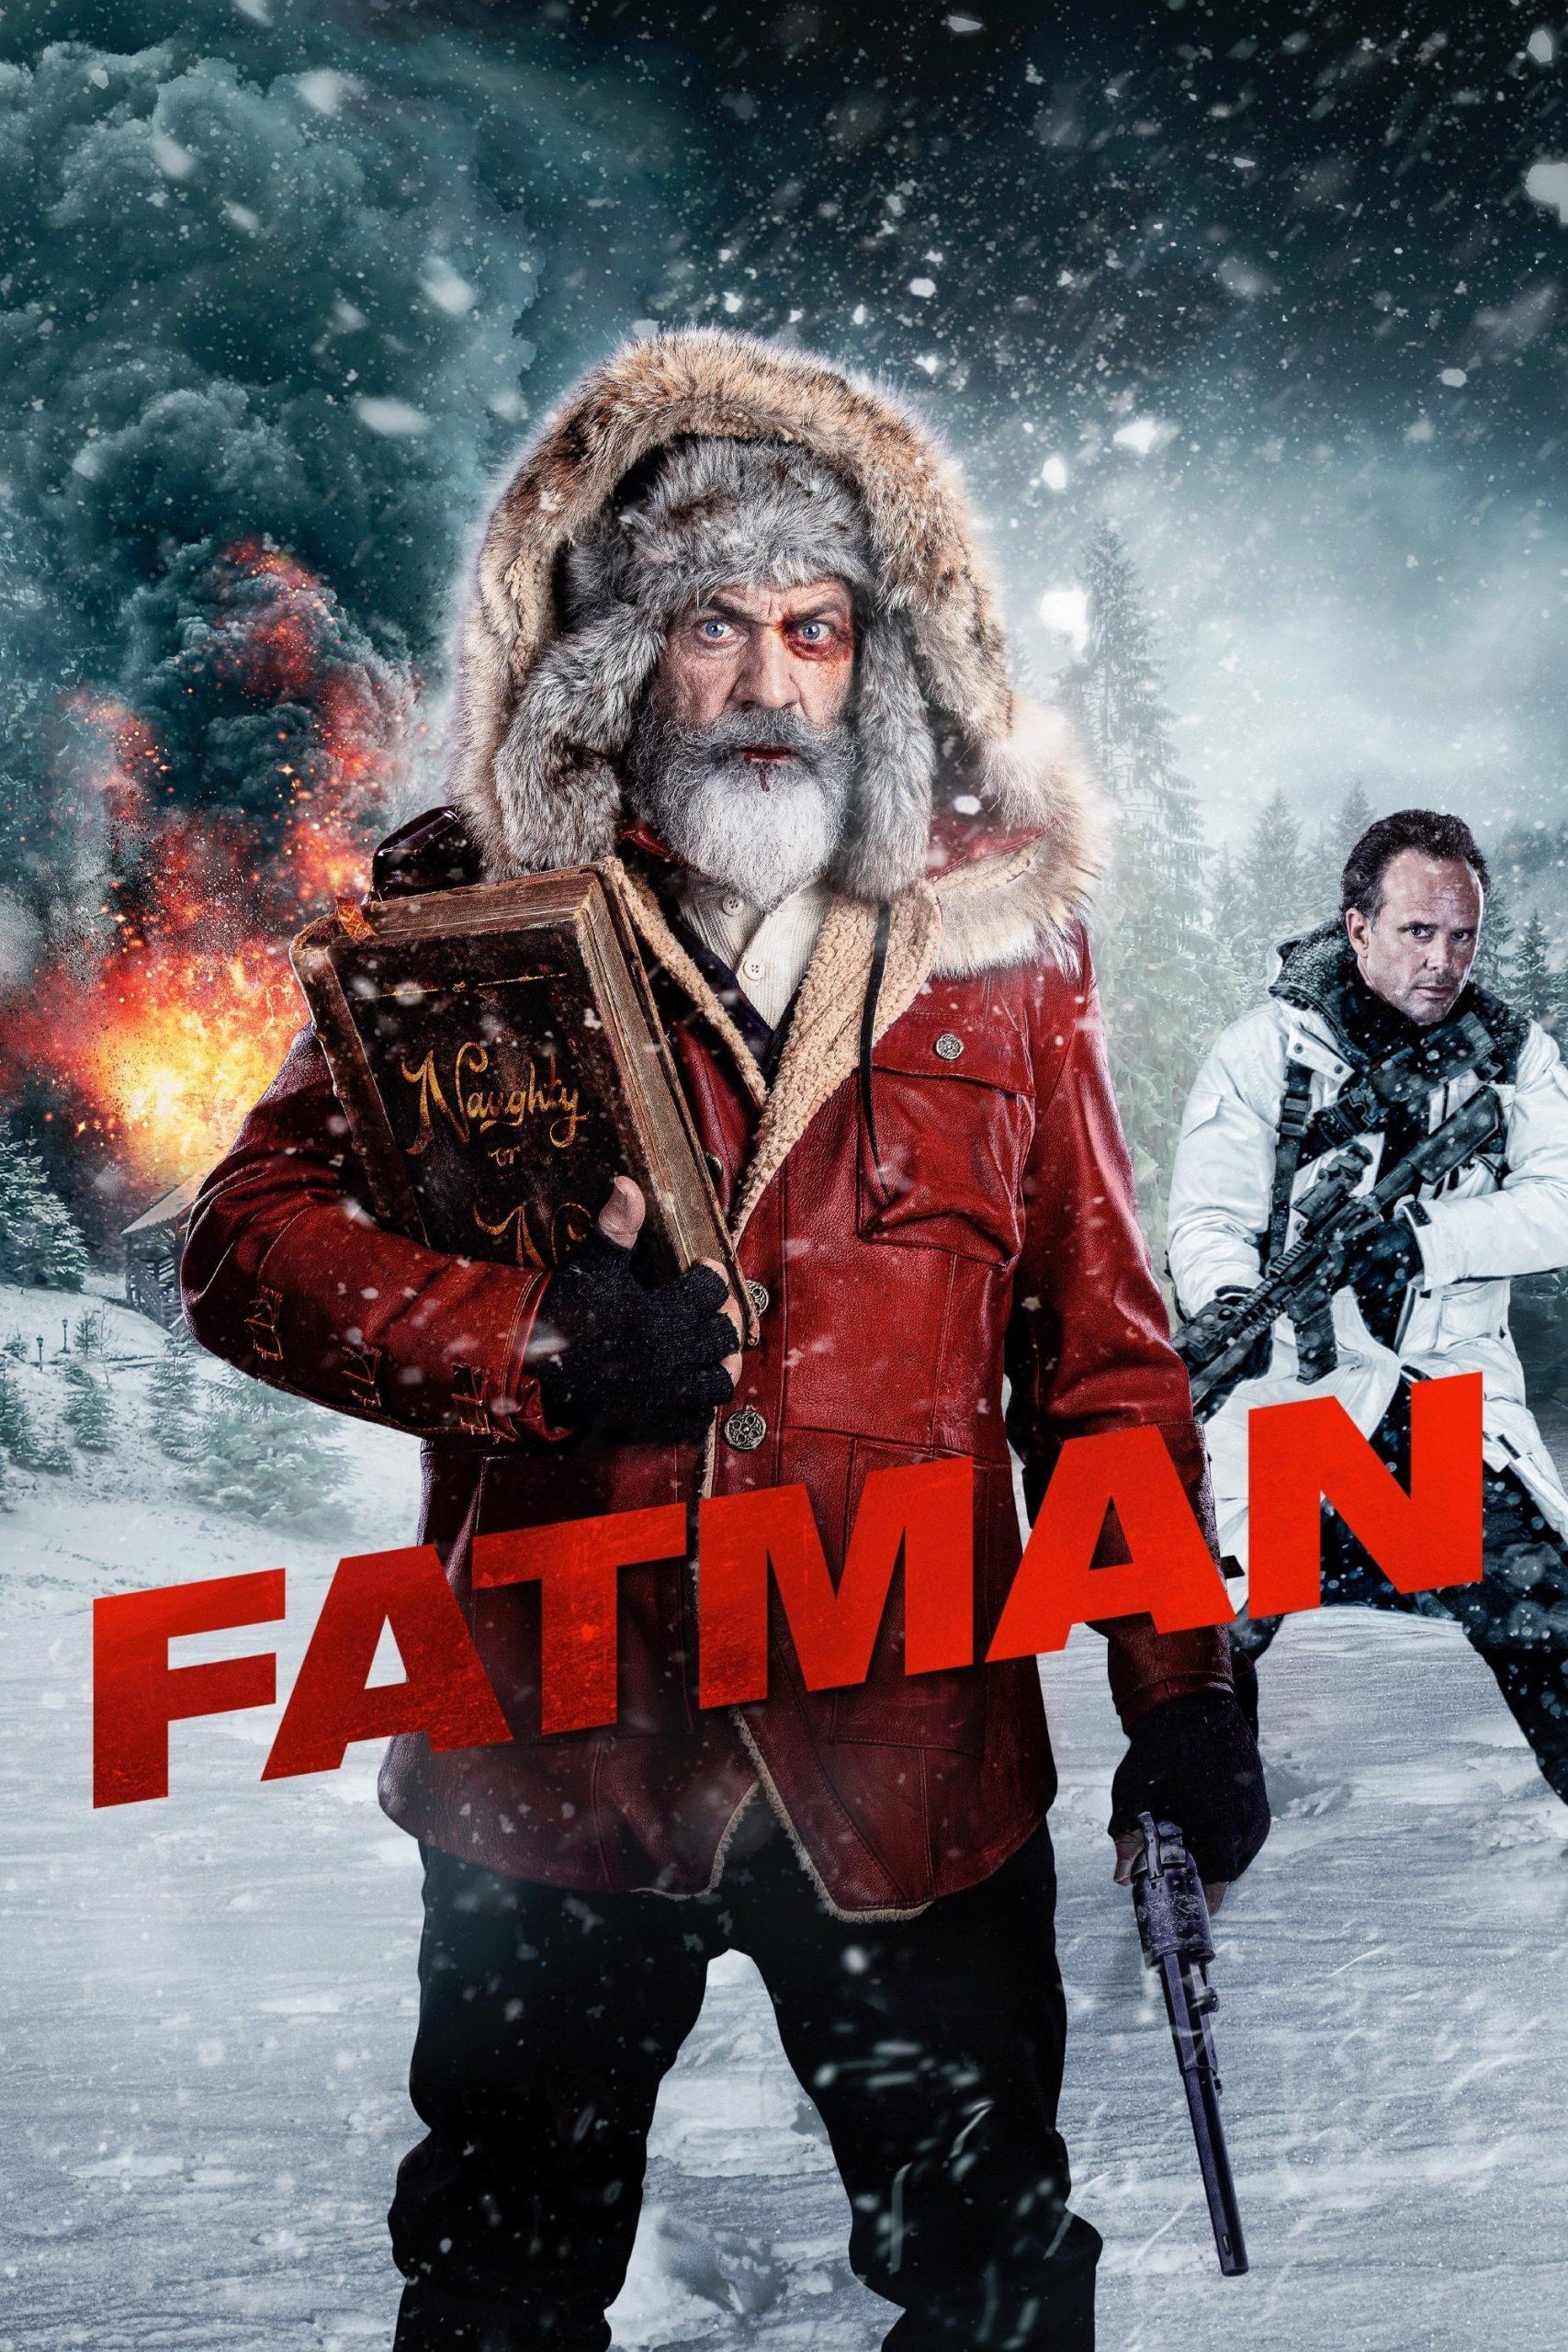 دانلود فیلمFatman 2020 با دوبله فارسی